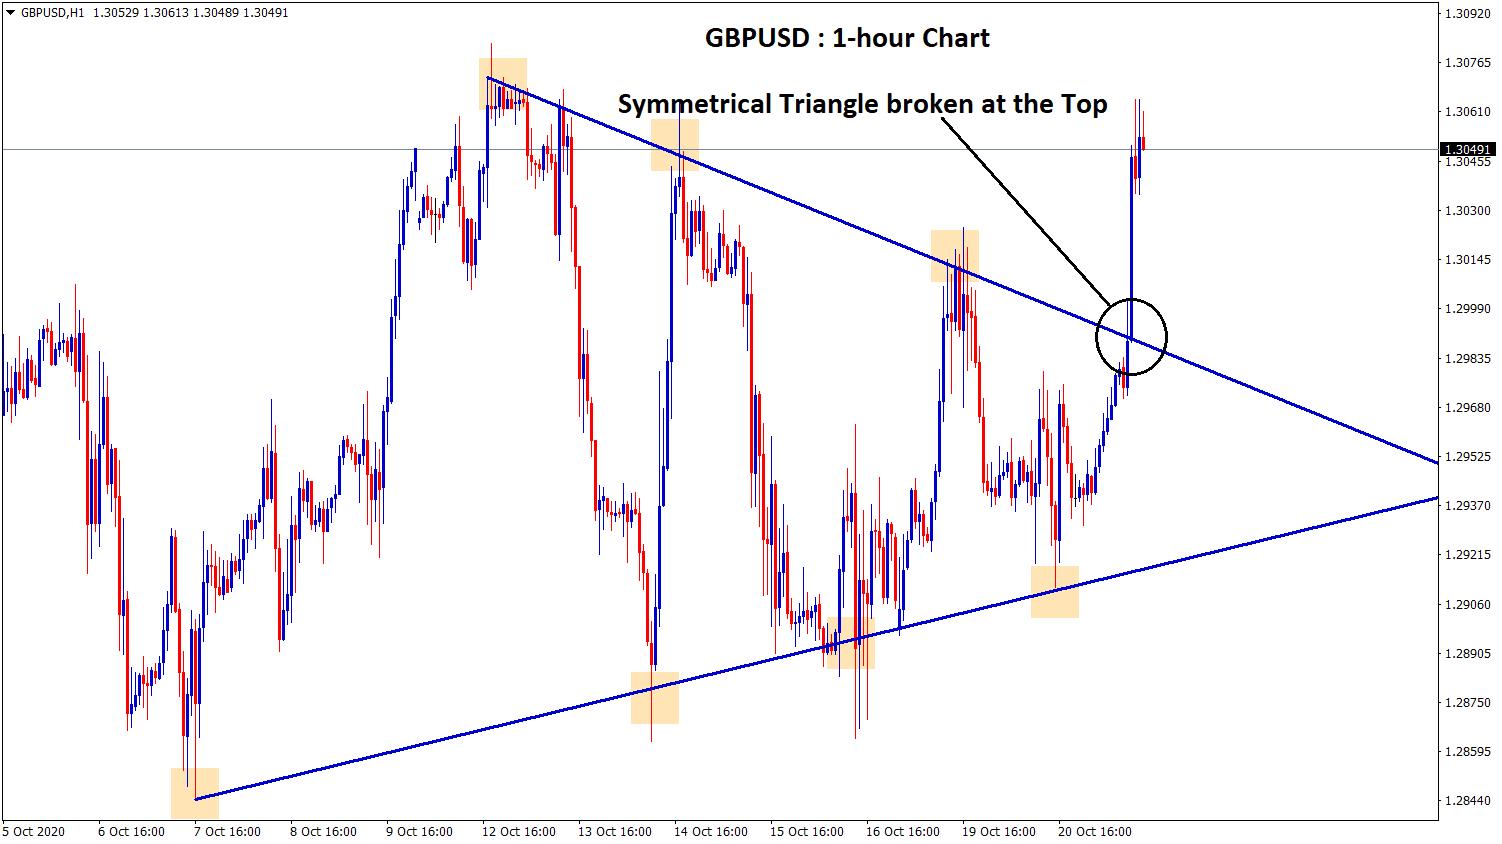 symmetrical triangle breakout in GBPUSD h1